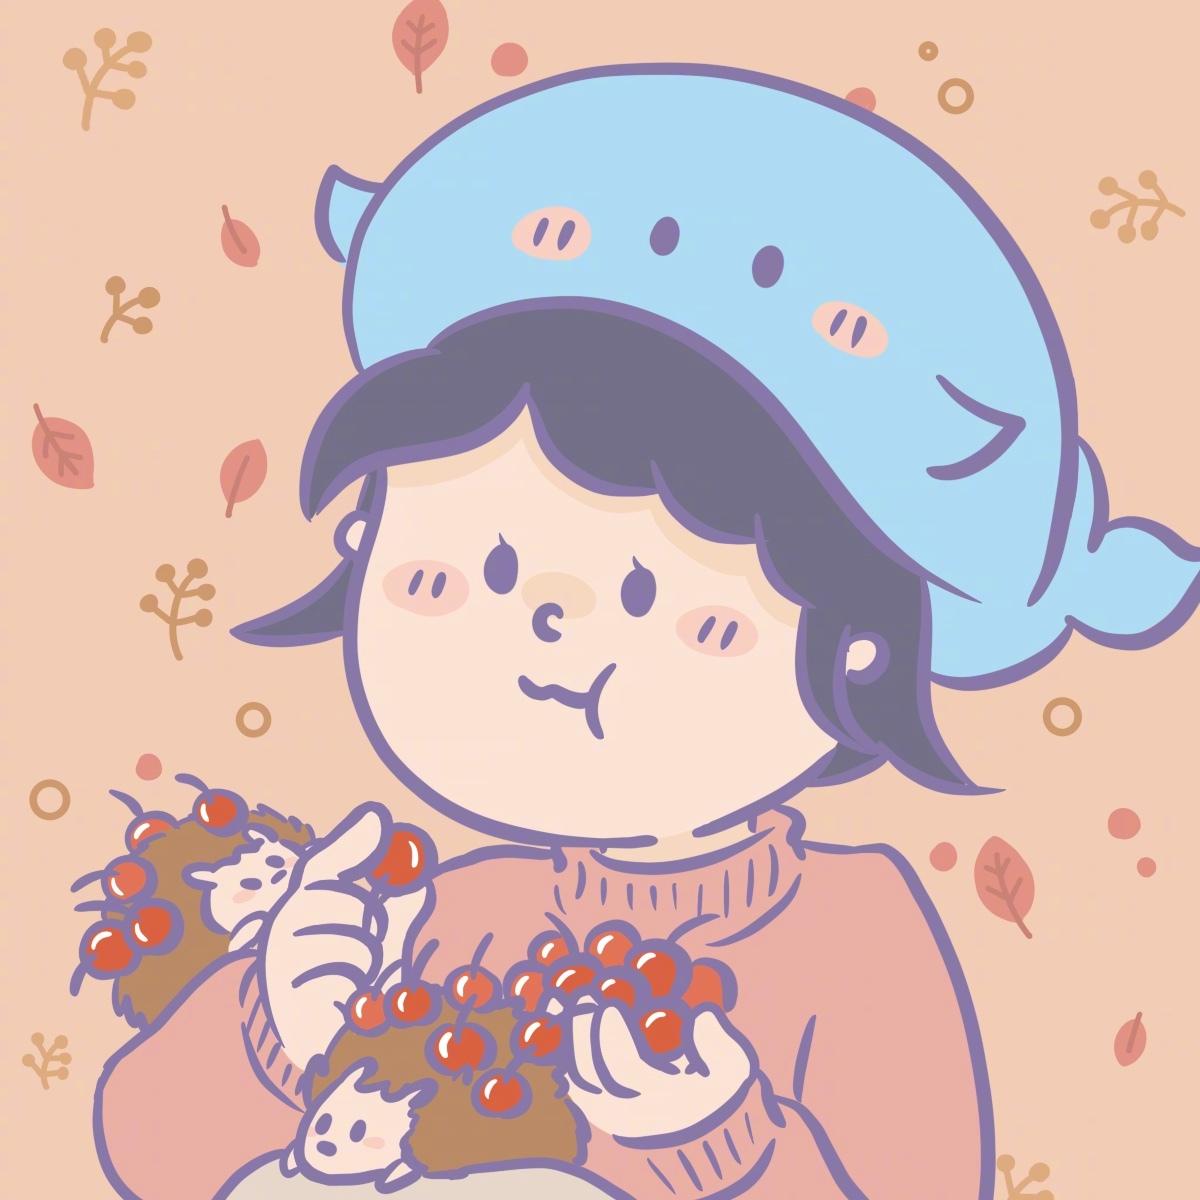 秋天的粽3明天转发里抽一个朋友勇有小鲸鱼干发帽帽 @微博抽奖平台